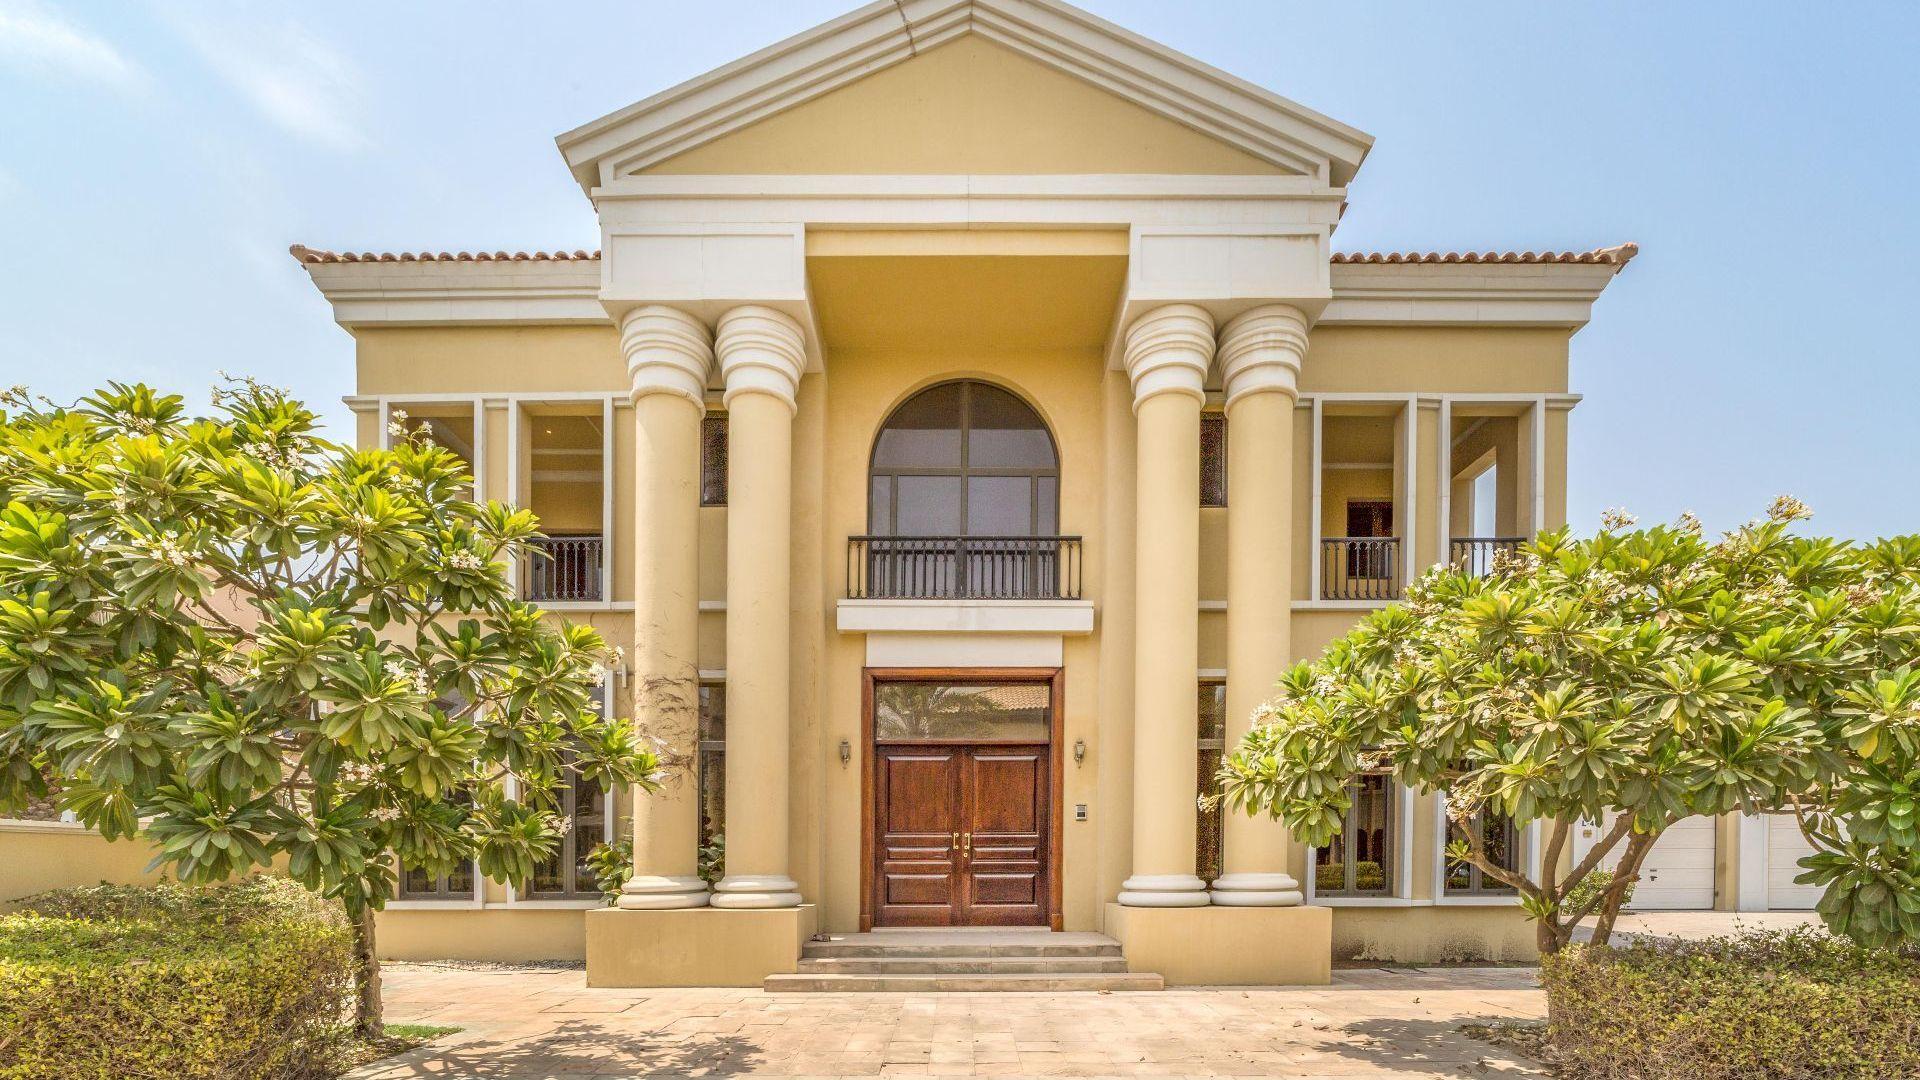 Villa en venta en Dubai, EAU, 5 dormitorios, 650 m2, № 24488 – foto 1